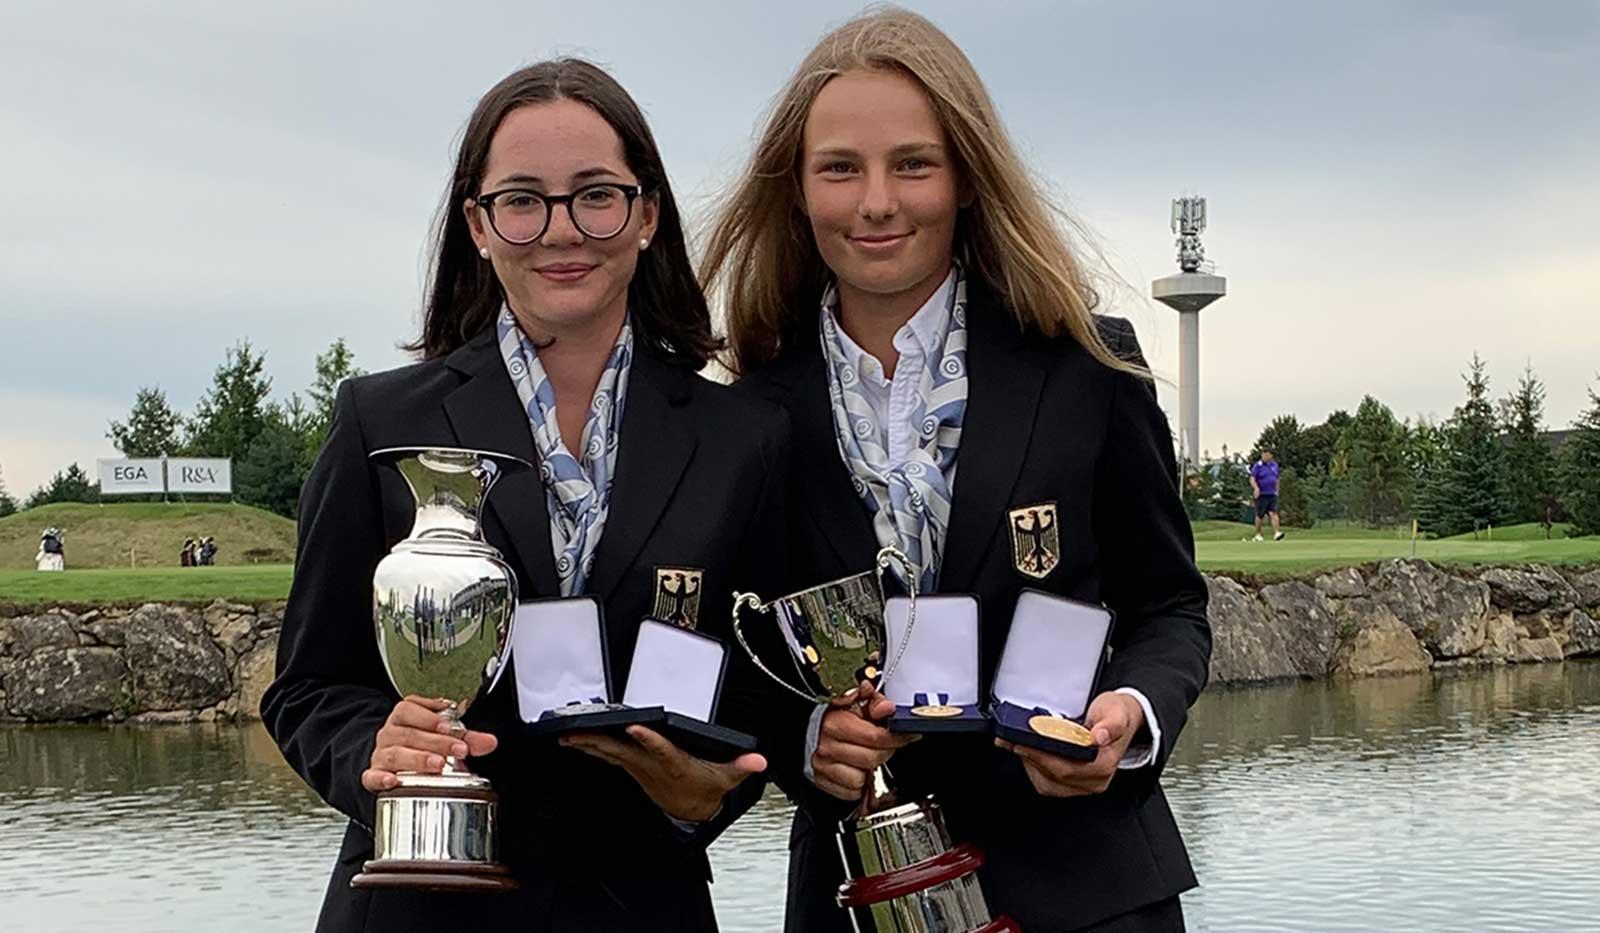 Charlotte Back und Emilie von Finckenstein sorgten bei der EYM für einen Doppelsieg bei den Mädchen.